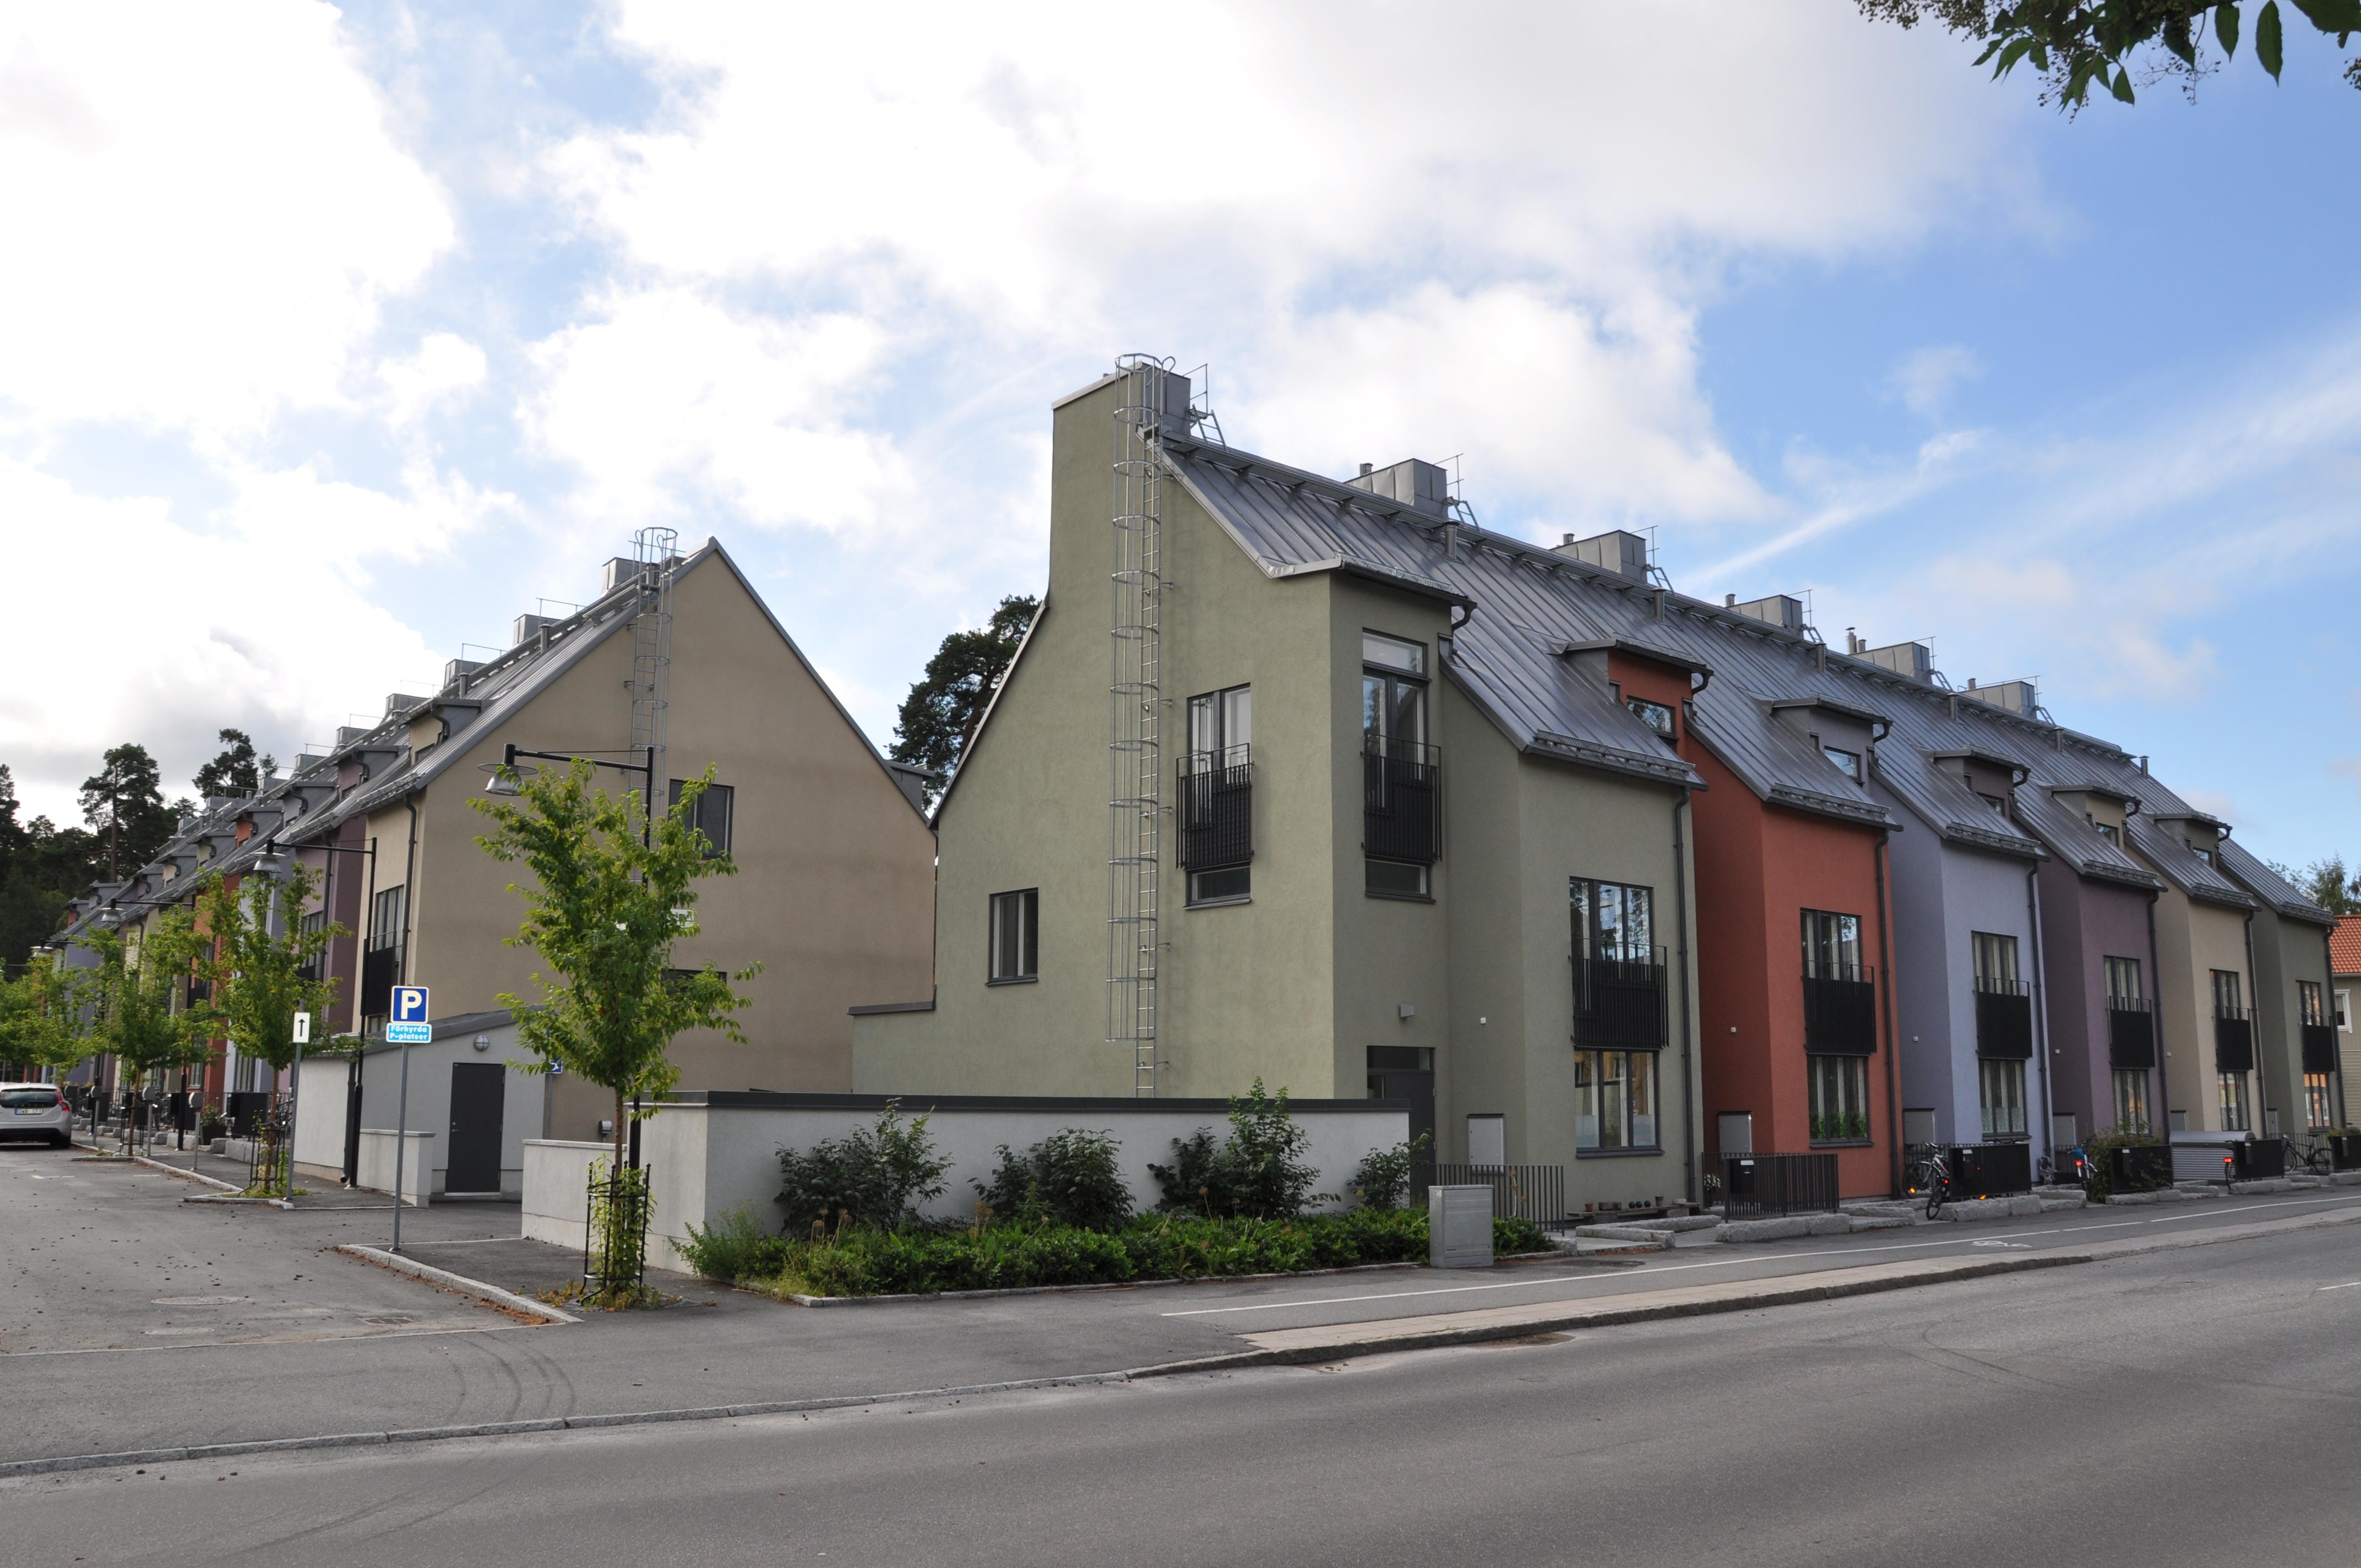 Vinnare av Stockholmsbyggnad 2012 och Stockhoms Handelskammares Miljöpris 2012